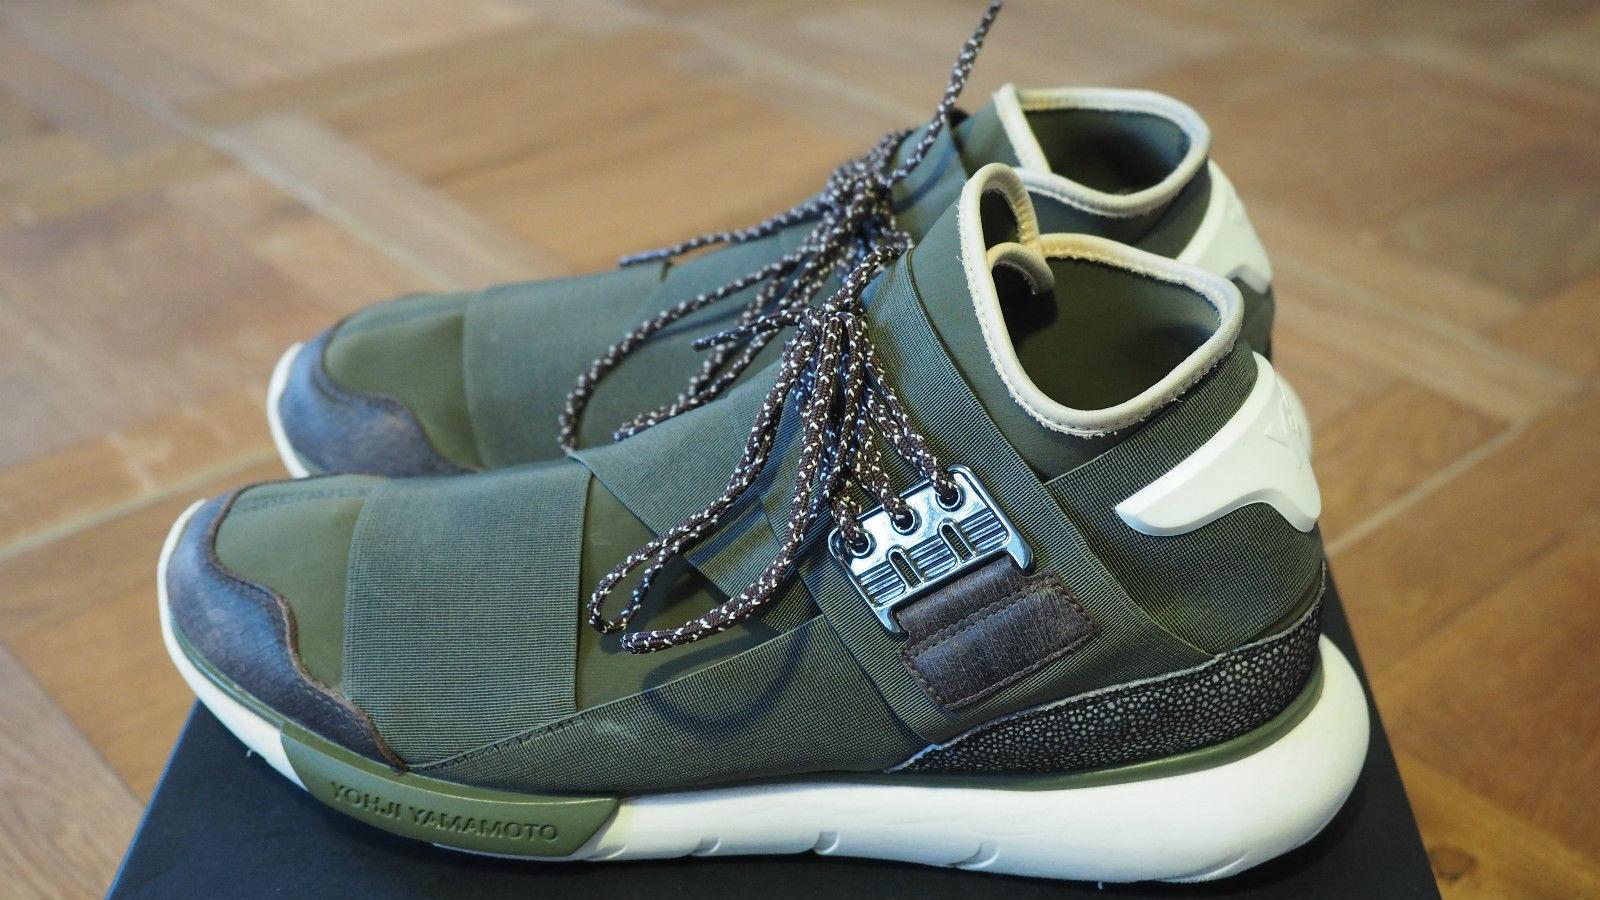 Adidas x Yamamoto Y-3 Qasa High Olive verde Talla EU 45 1 3 US 11 2 x getrgetragen